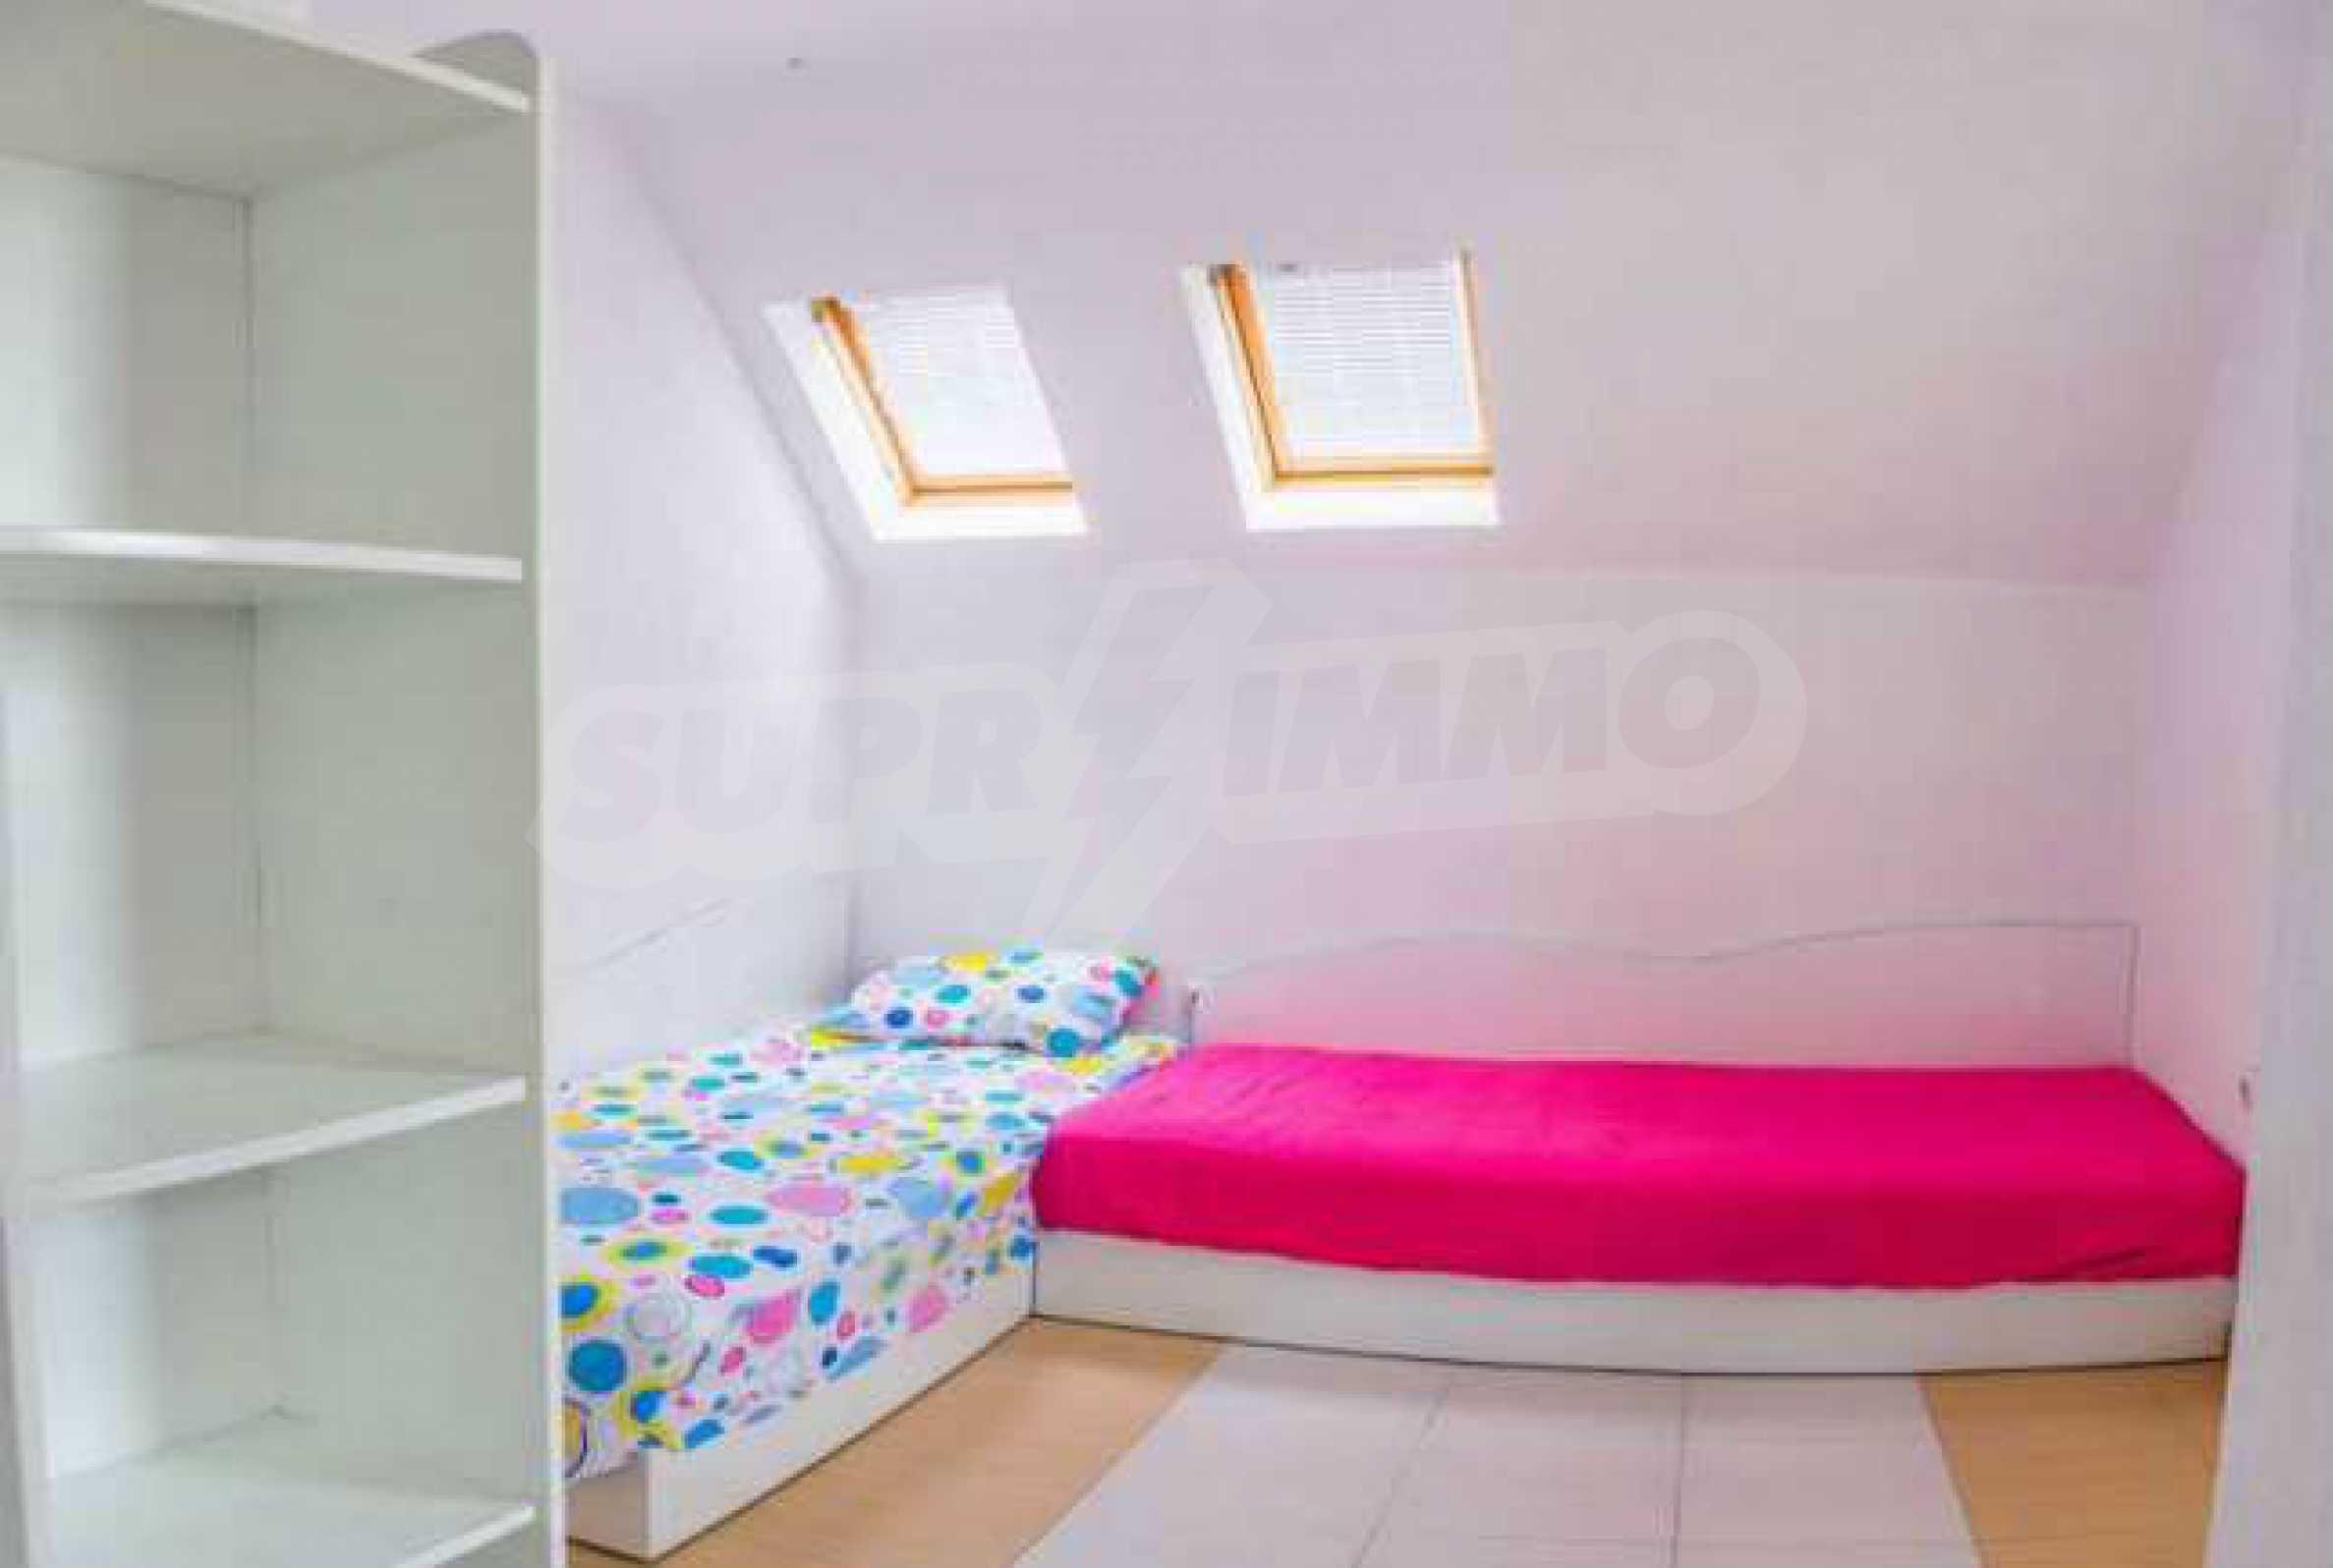 Новопостроен тристаен апартамент в кв. на град В. Търново  6